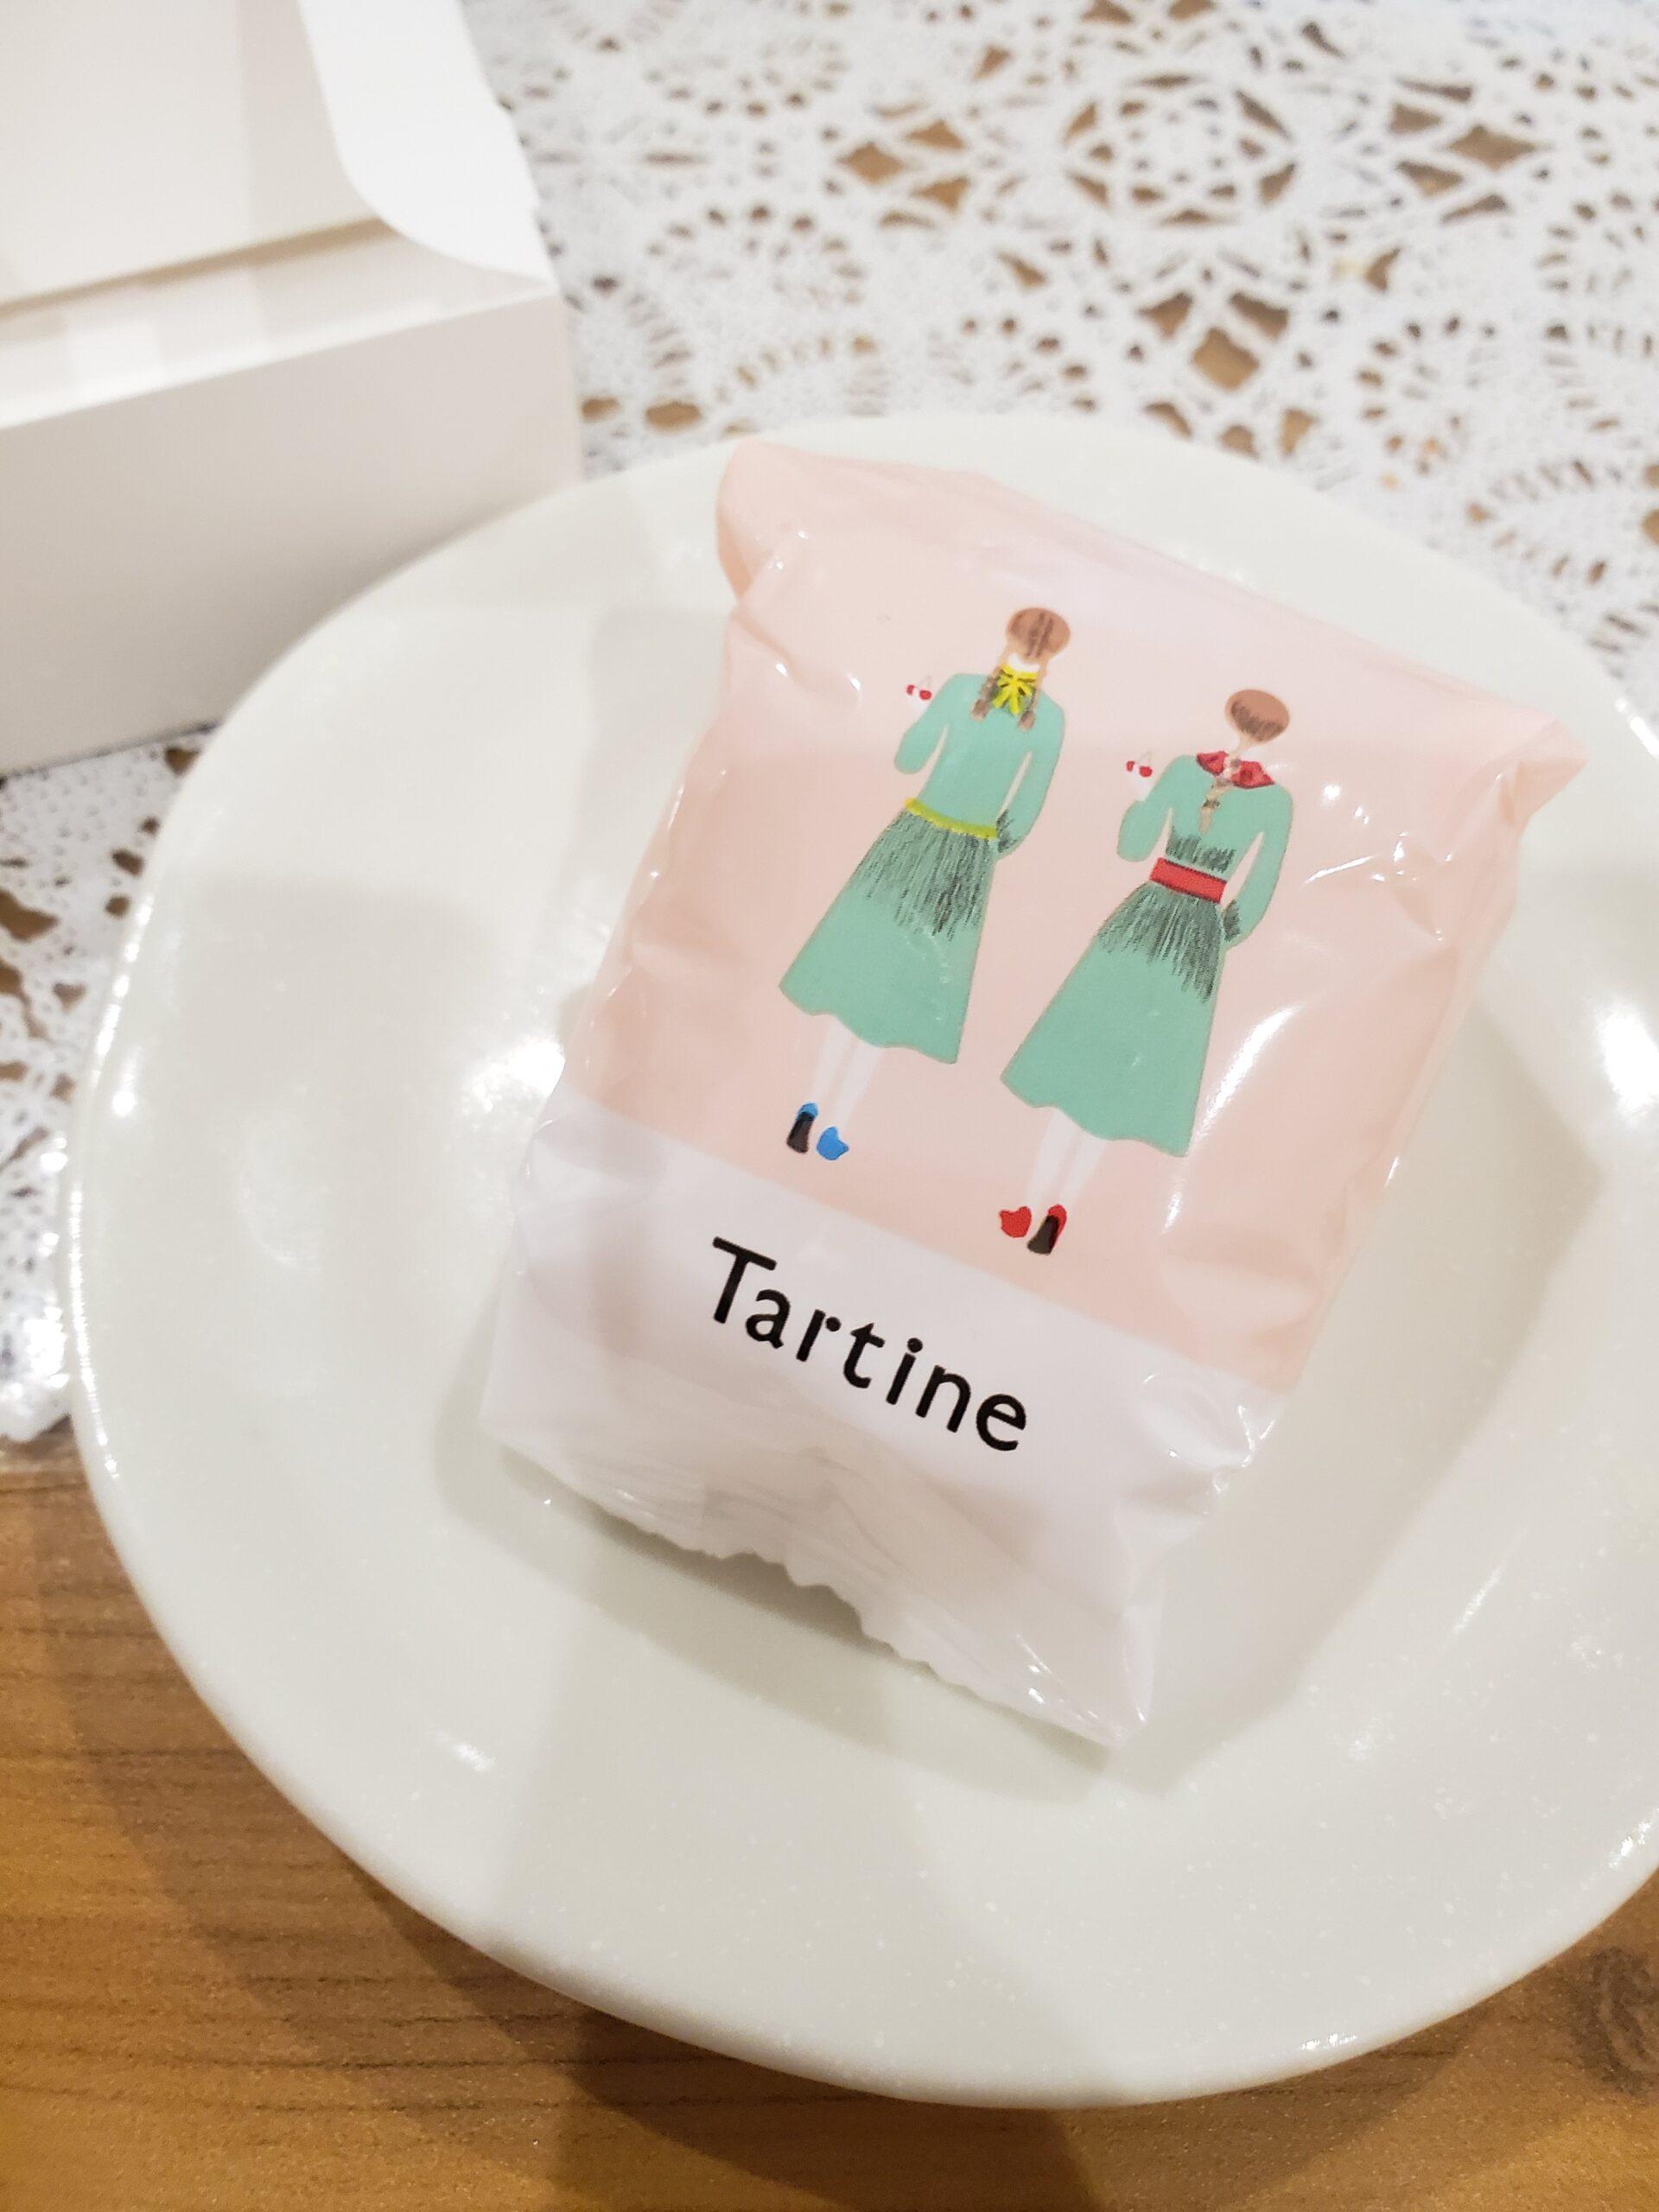 Tartine Cherry